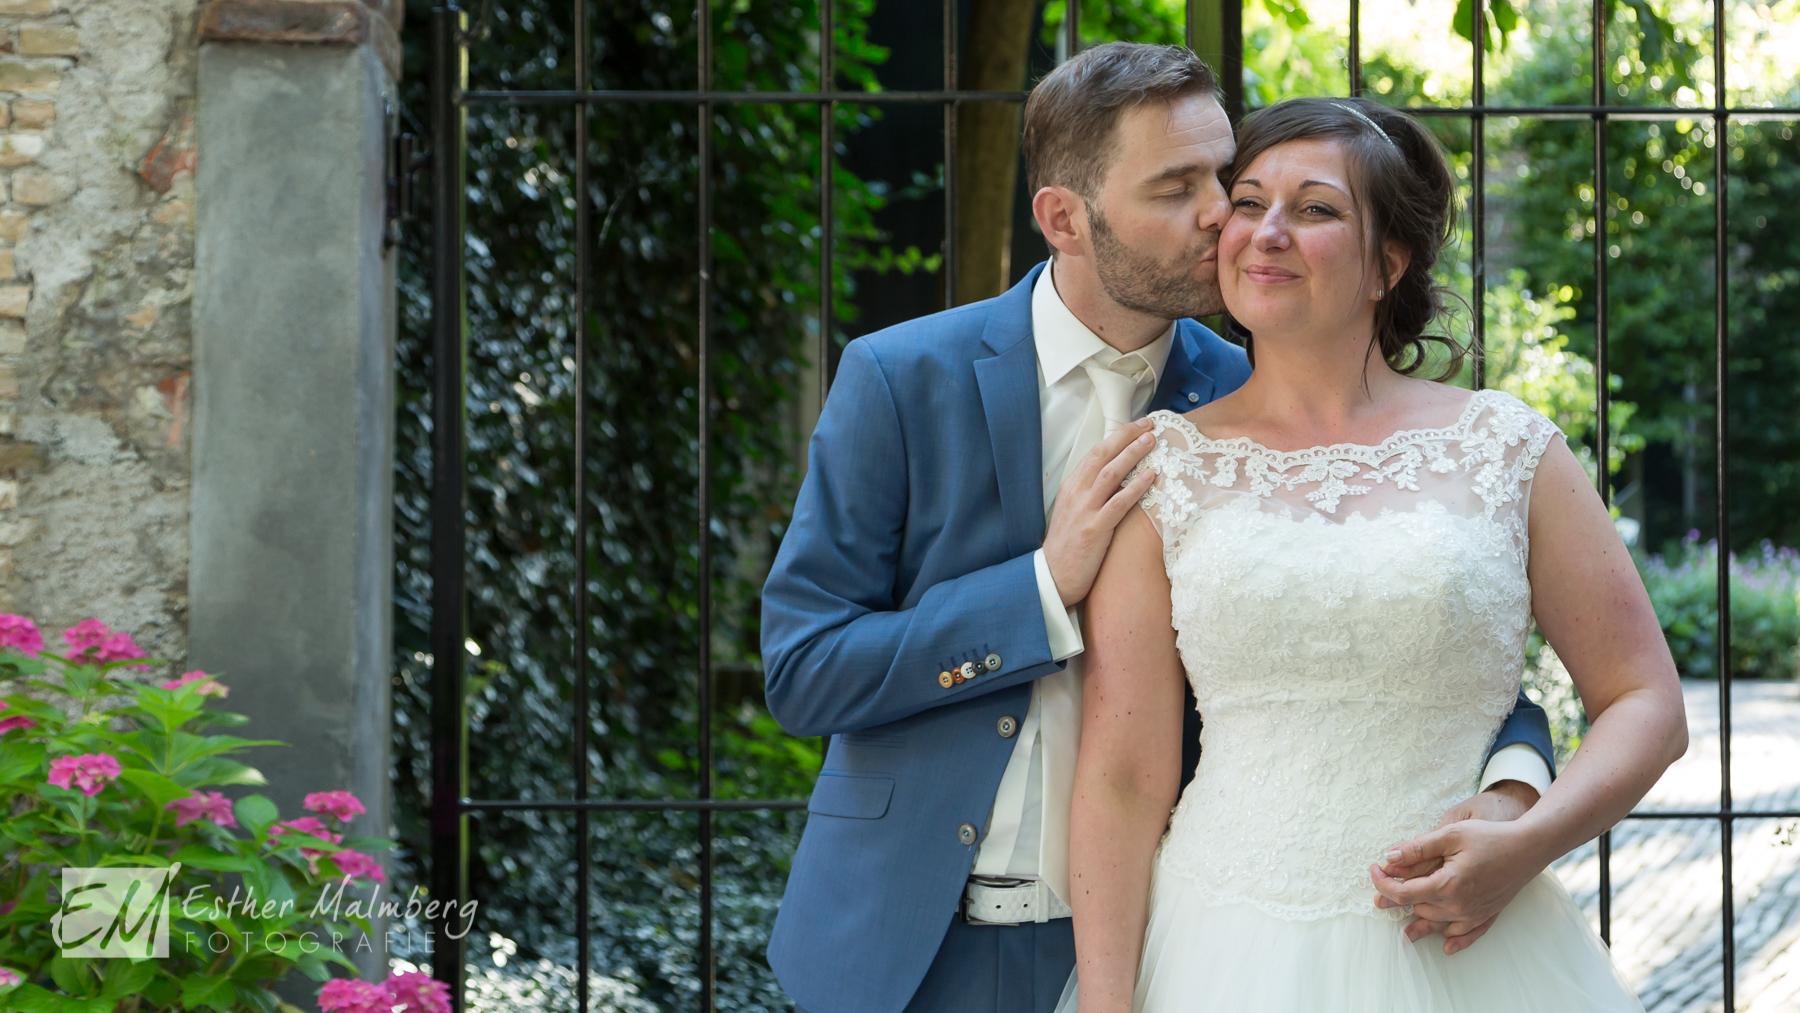 Liefde en connectie tijdens Moment Design bruidsreportage Esther Malmberg Fotografie